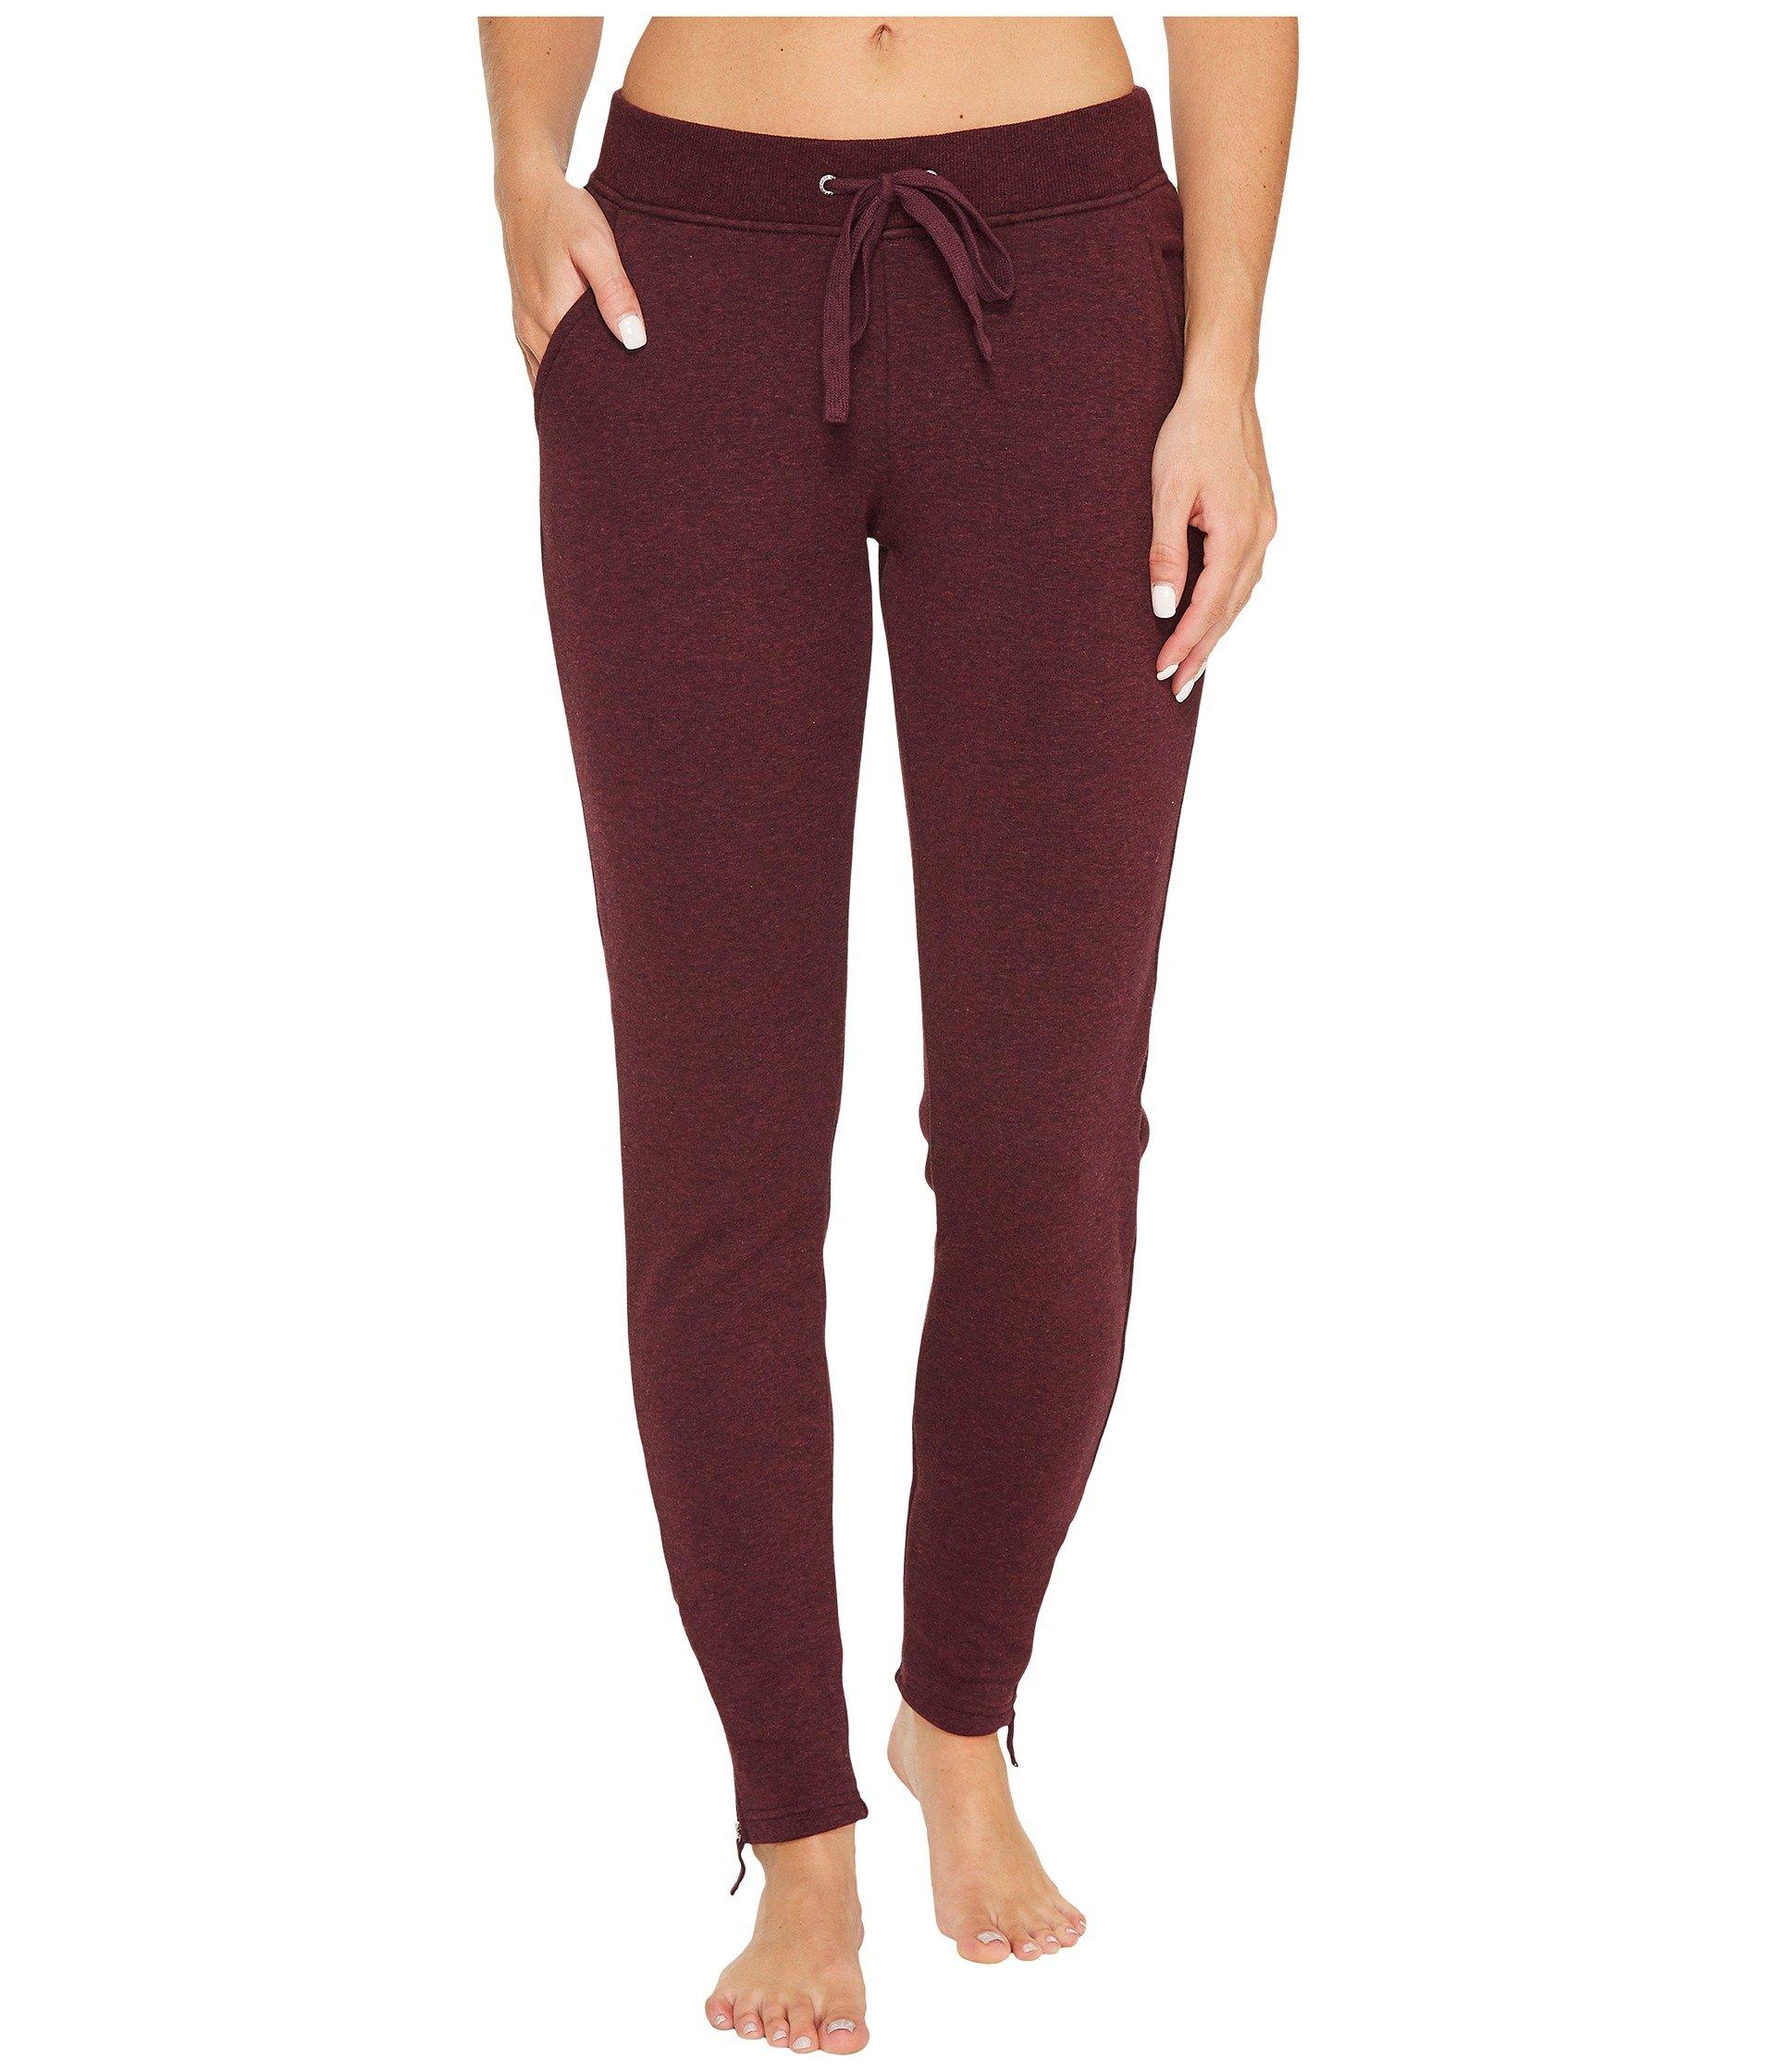 Pantalón de Pijama para Mujer UGG Molly Jogger  + UGG en VeoyCompro.net